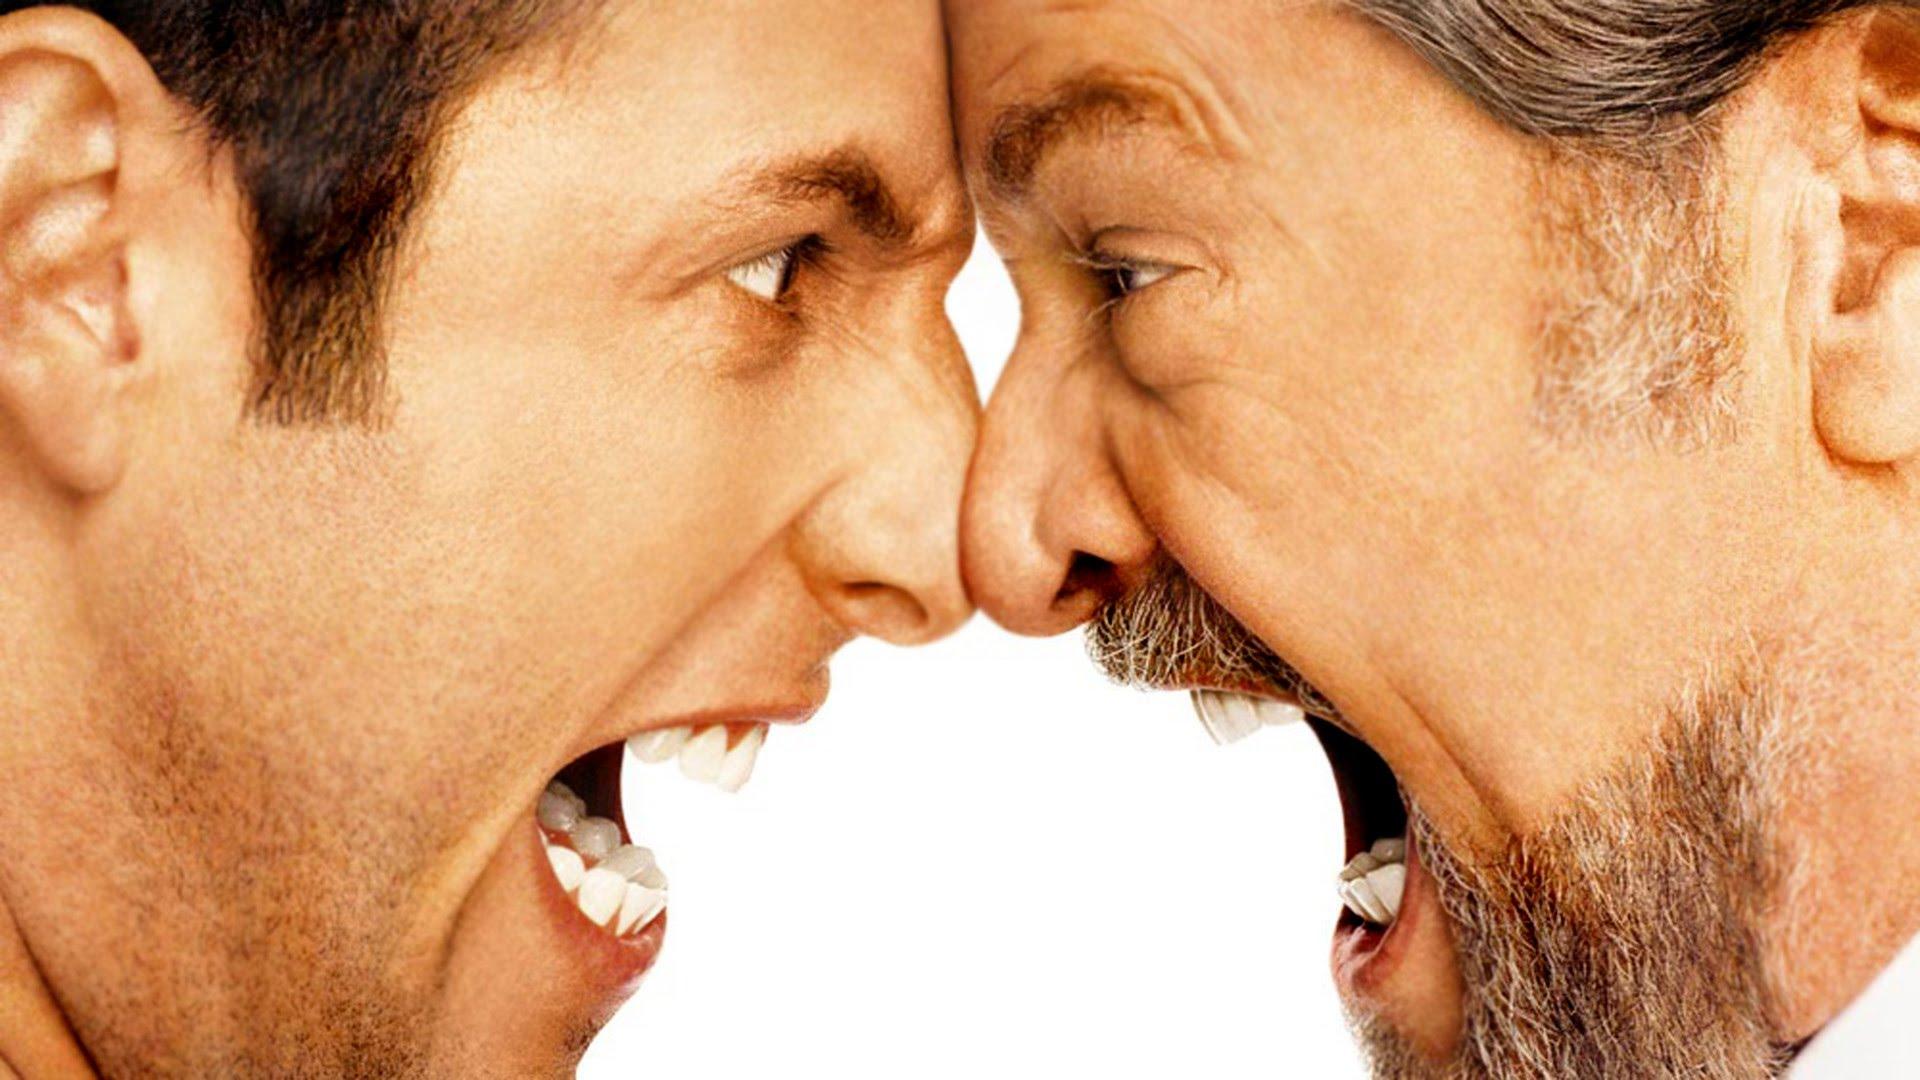 как бороться с гневом и раздражительностью, раздражительность и гнев, способы борьбы с раздражительностью и гневом, как преодолевать стресс, избавляться от раздражения, причины гнева, раздражительность и агрессия, мы раздражаемся и злимся, когда вы выплескиваете свой гнев, методы преодоления агрессии и гнева, агрессия и злость, как научиться не злиться, проблема гнева